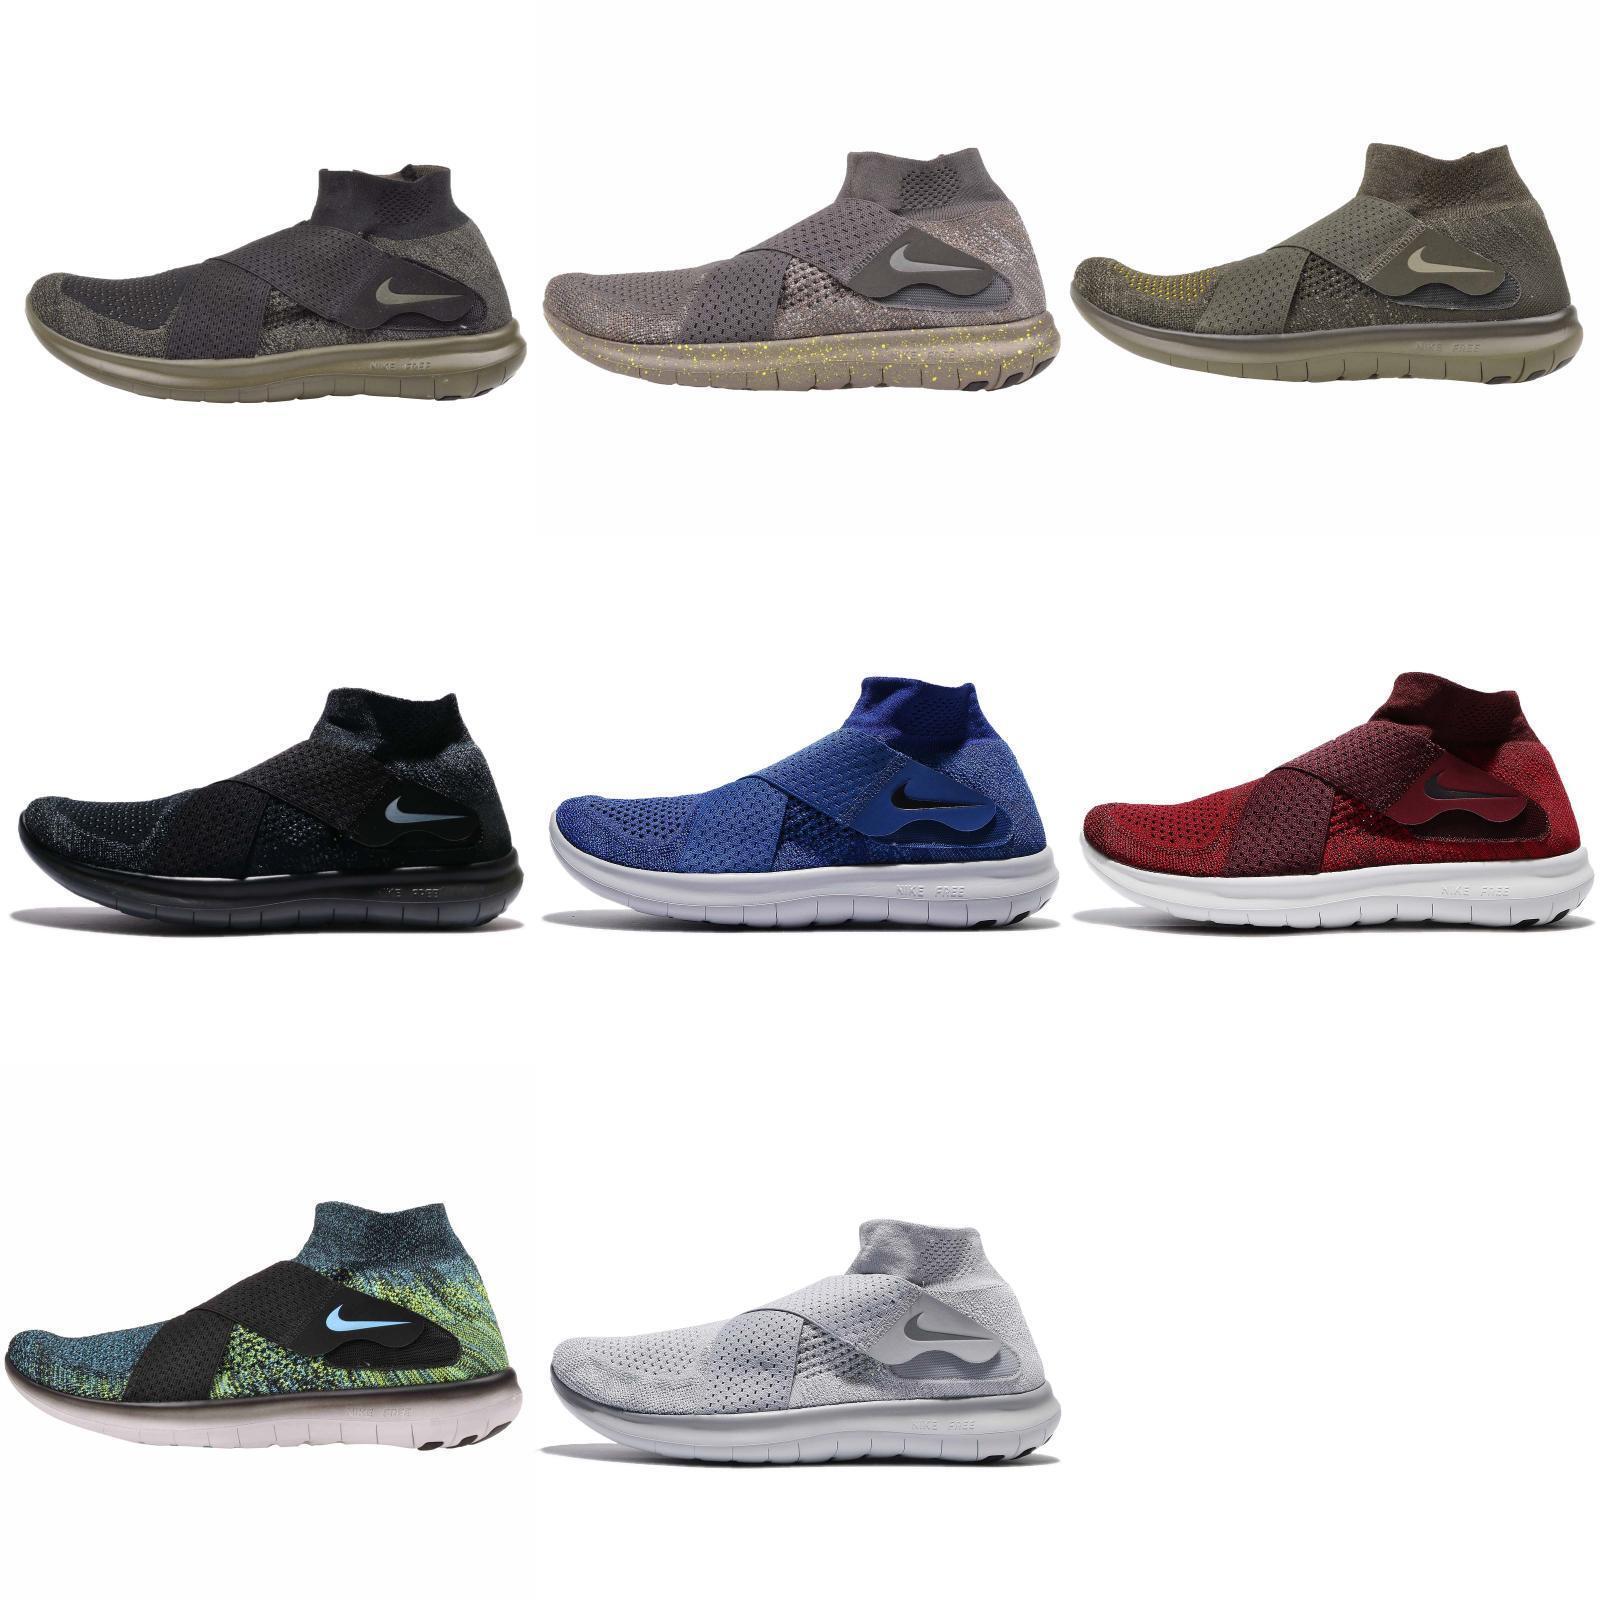 Nike libera rn proposta fk flyknit Uomo scarpe da corsa nwob scegliere 1, blu, grigio, rosso, verde, nero